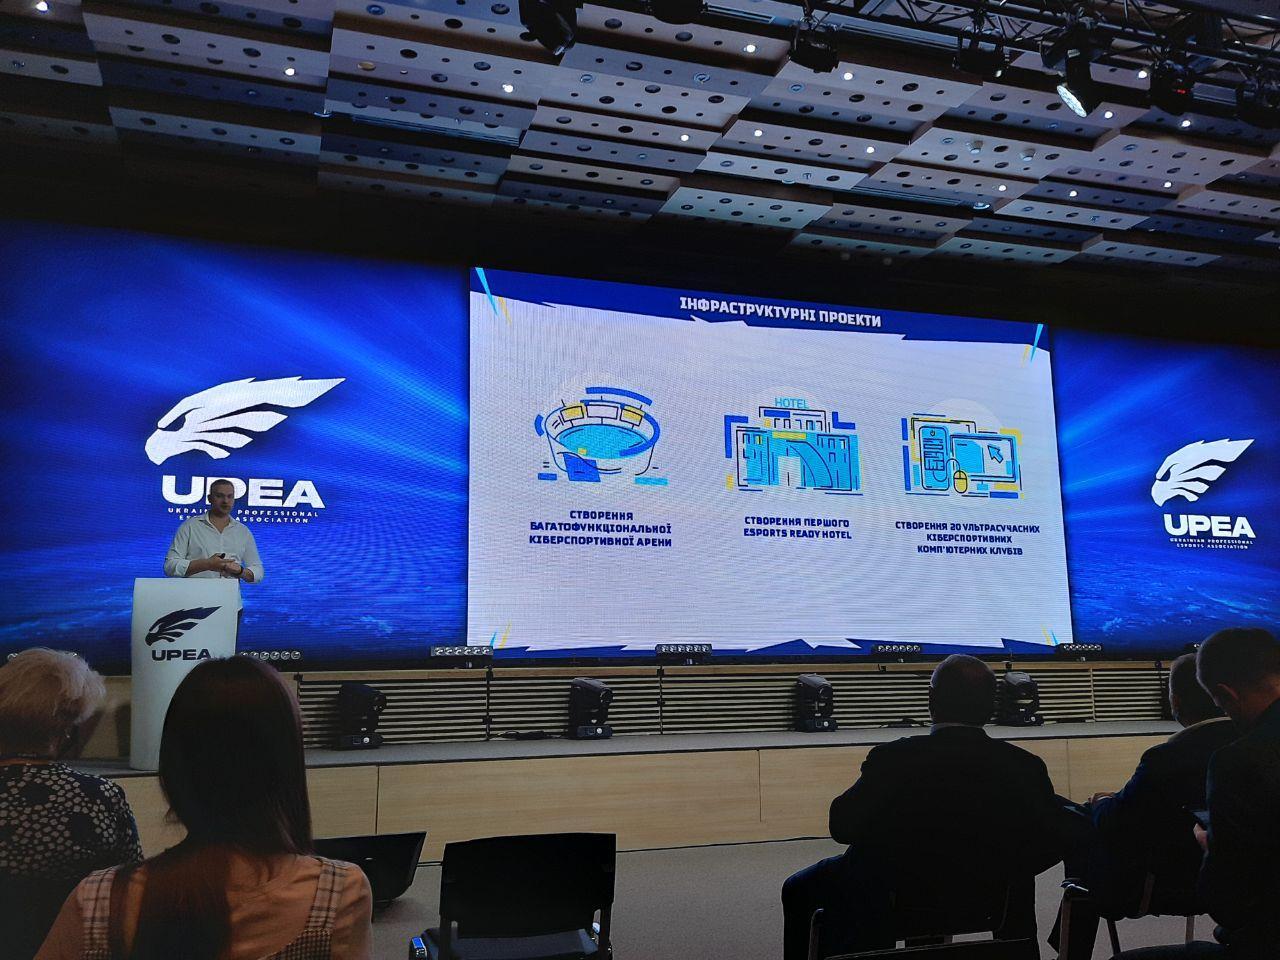 Ігровий готель та кібер-арена. У Києві презентували стратегію кіберспорту до 2025 року